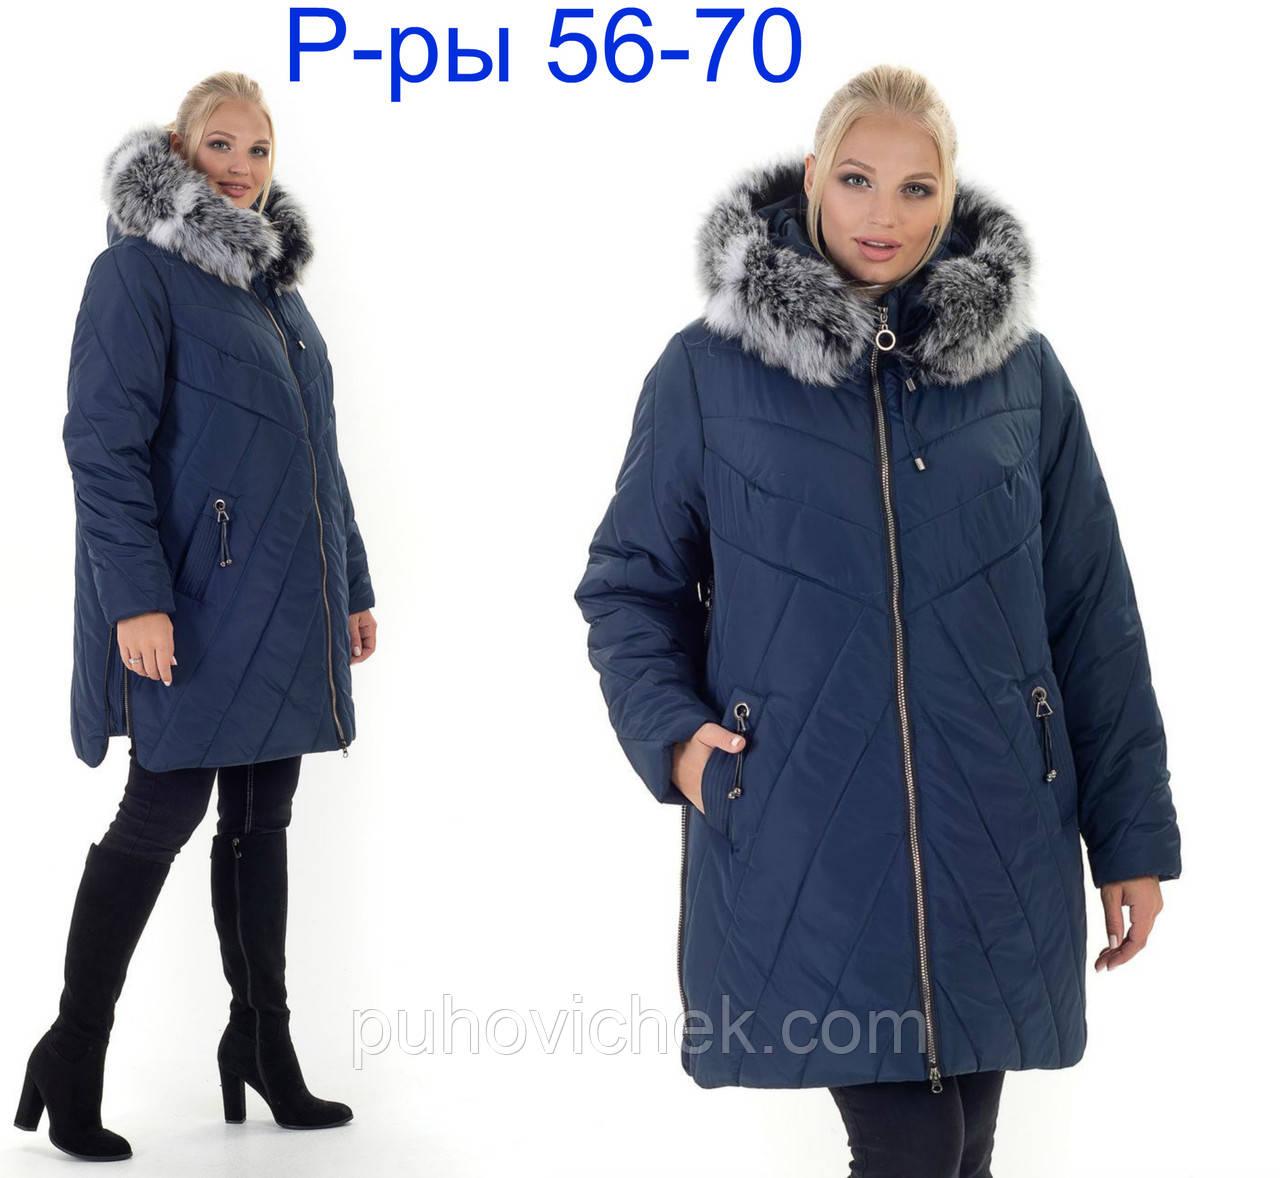 Зимние куртки больших размеров женские интернет магазин